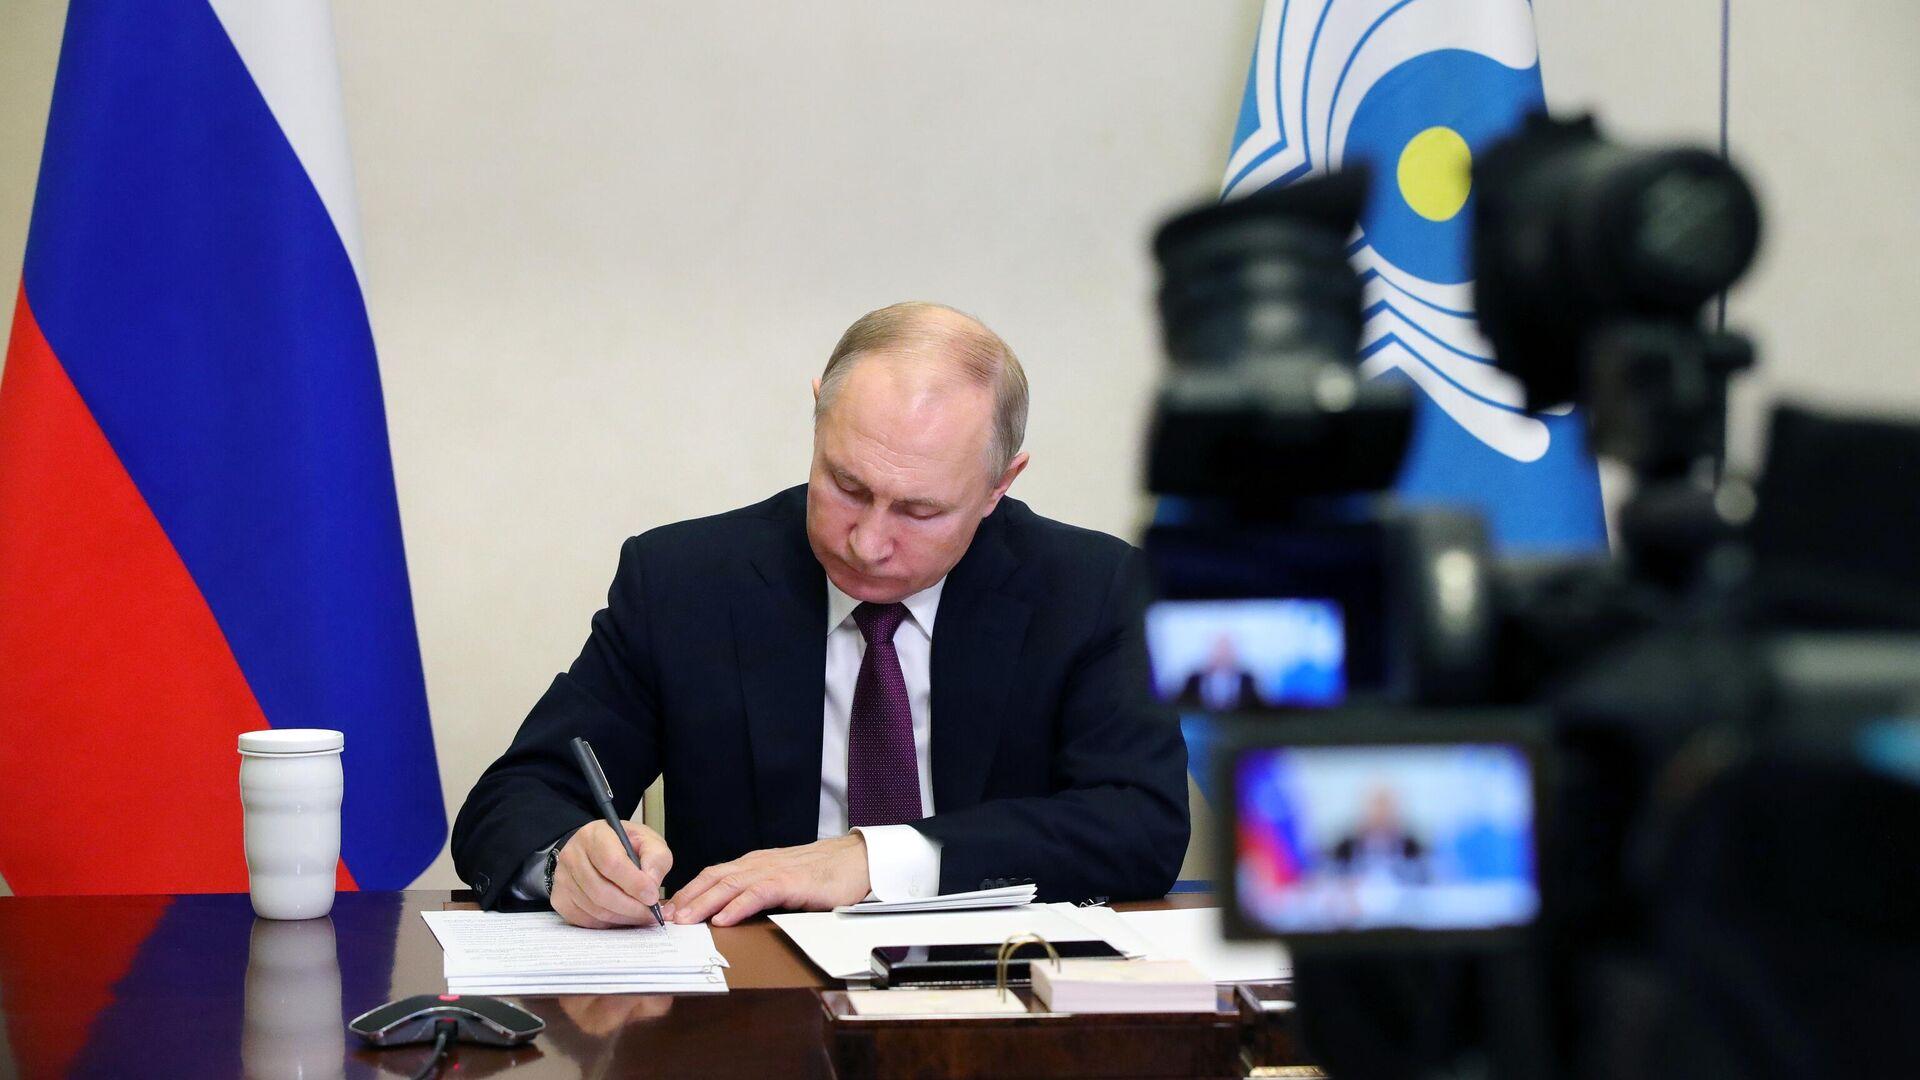 Пресс-конференцию Путина смотрели более 1,4 миллиона москвичей